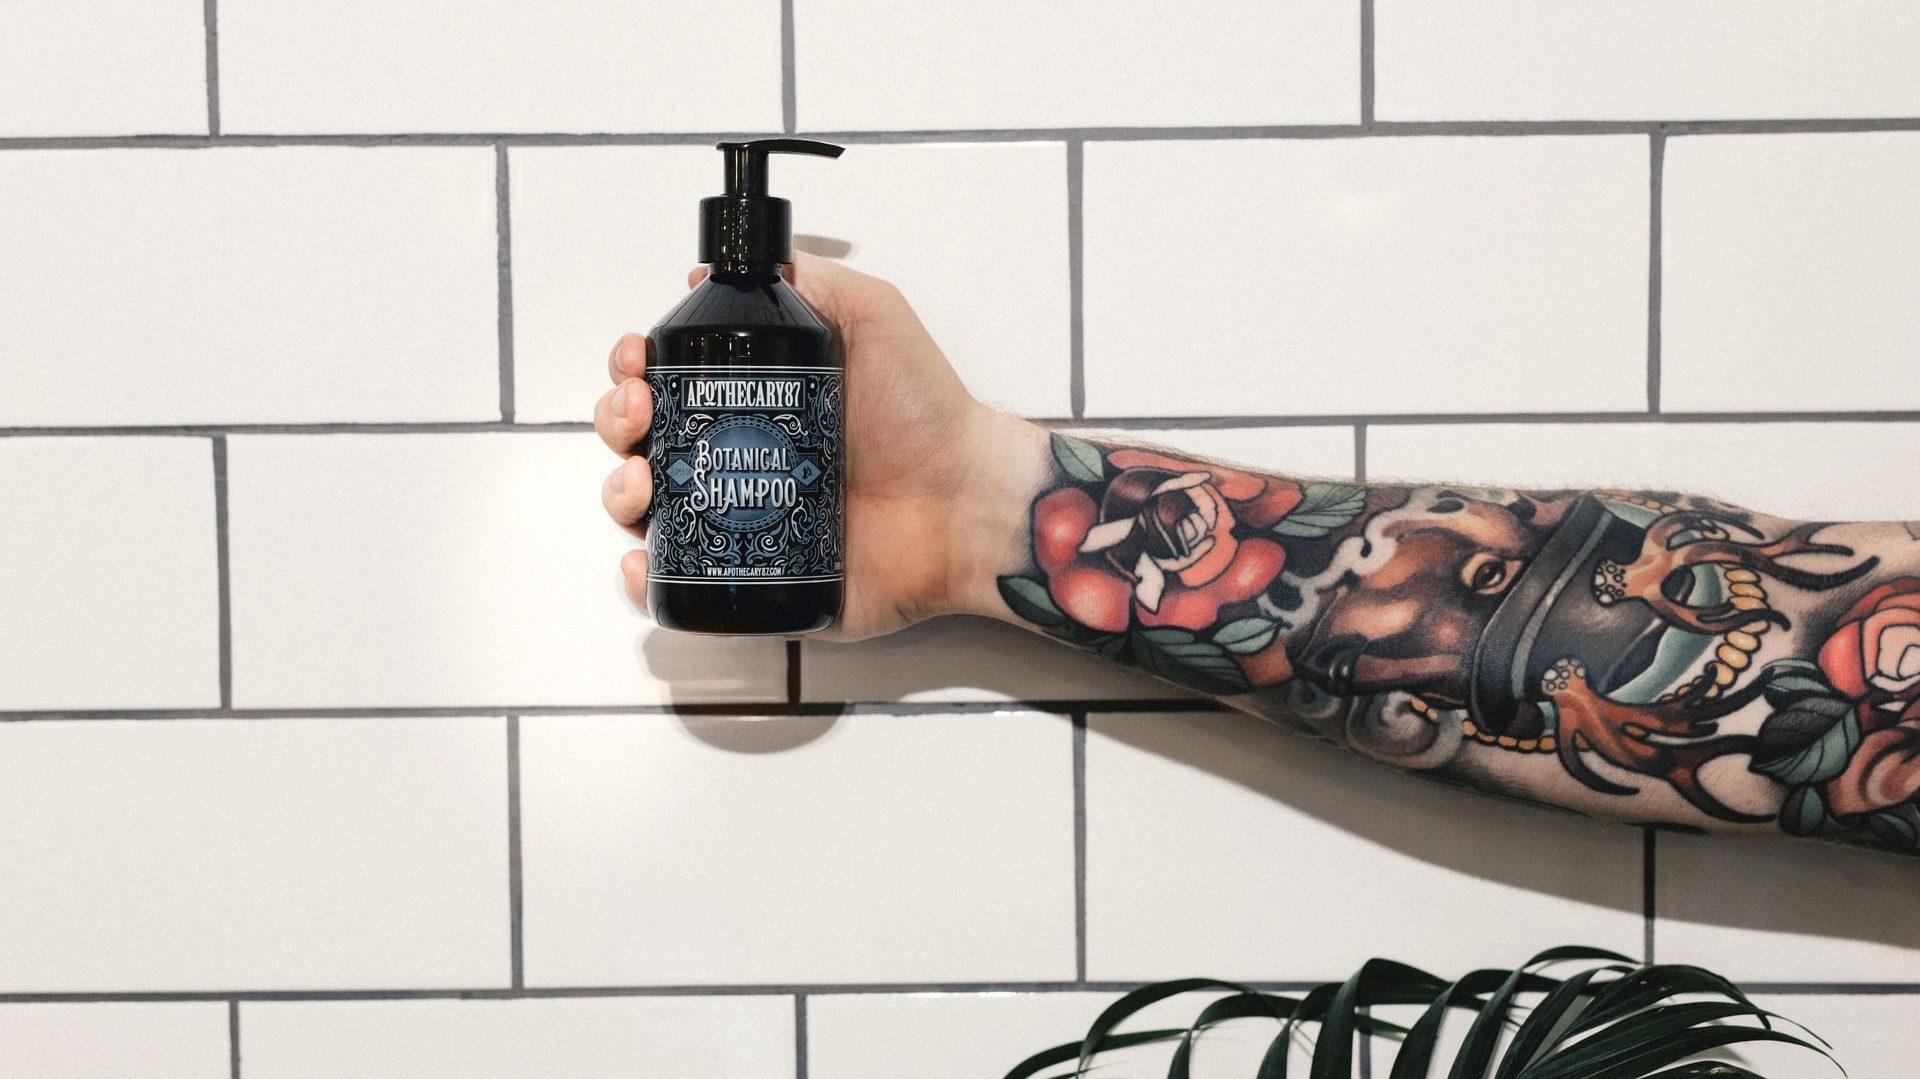 Persoon met flesje shampoo